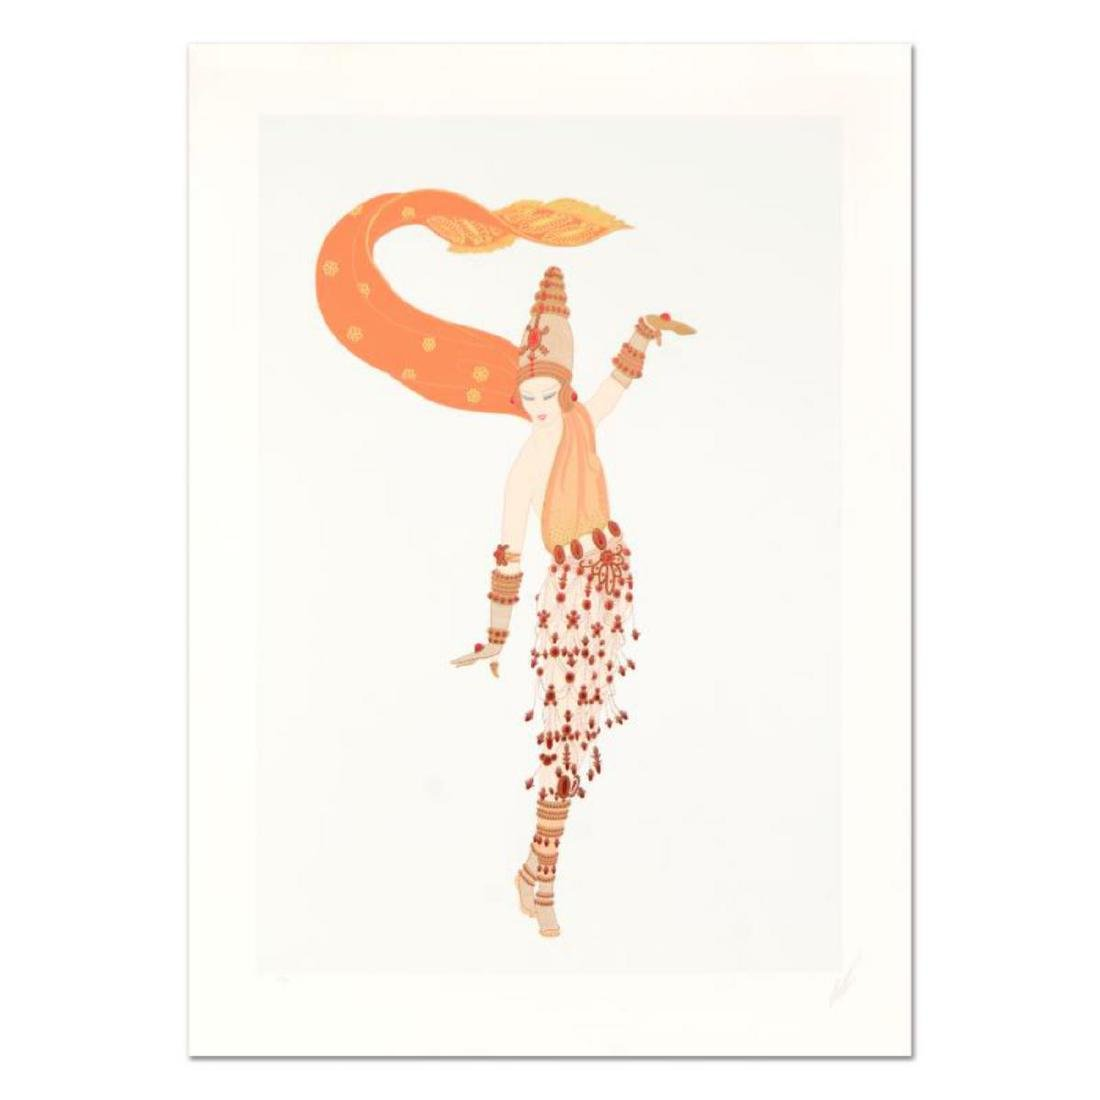 """Erte (1892-1990), """"Arabian Nights"""" Limited Edition"""